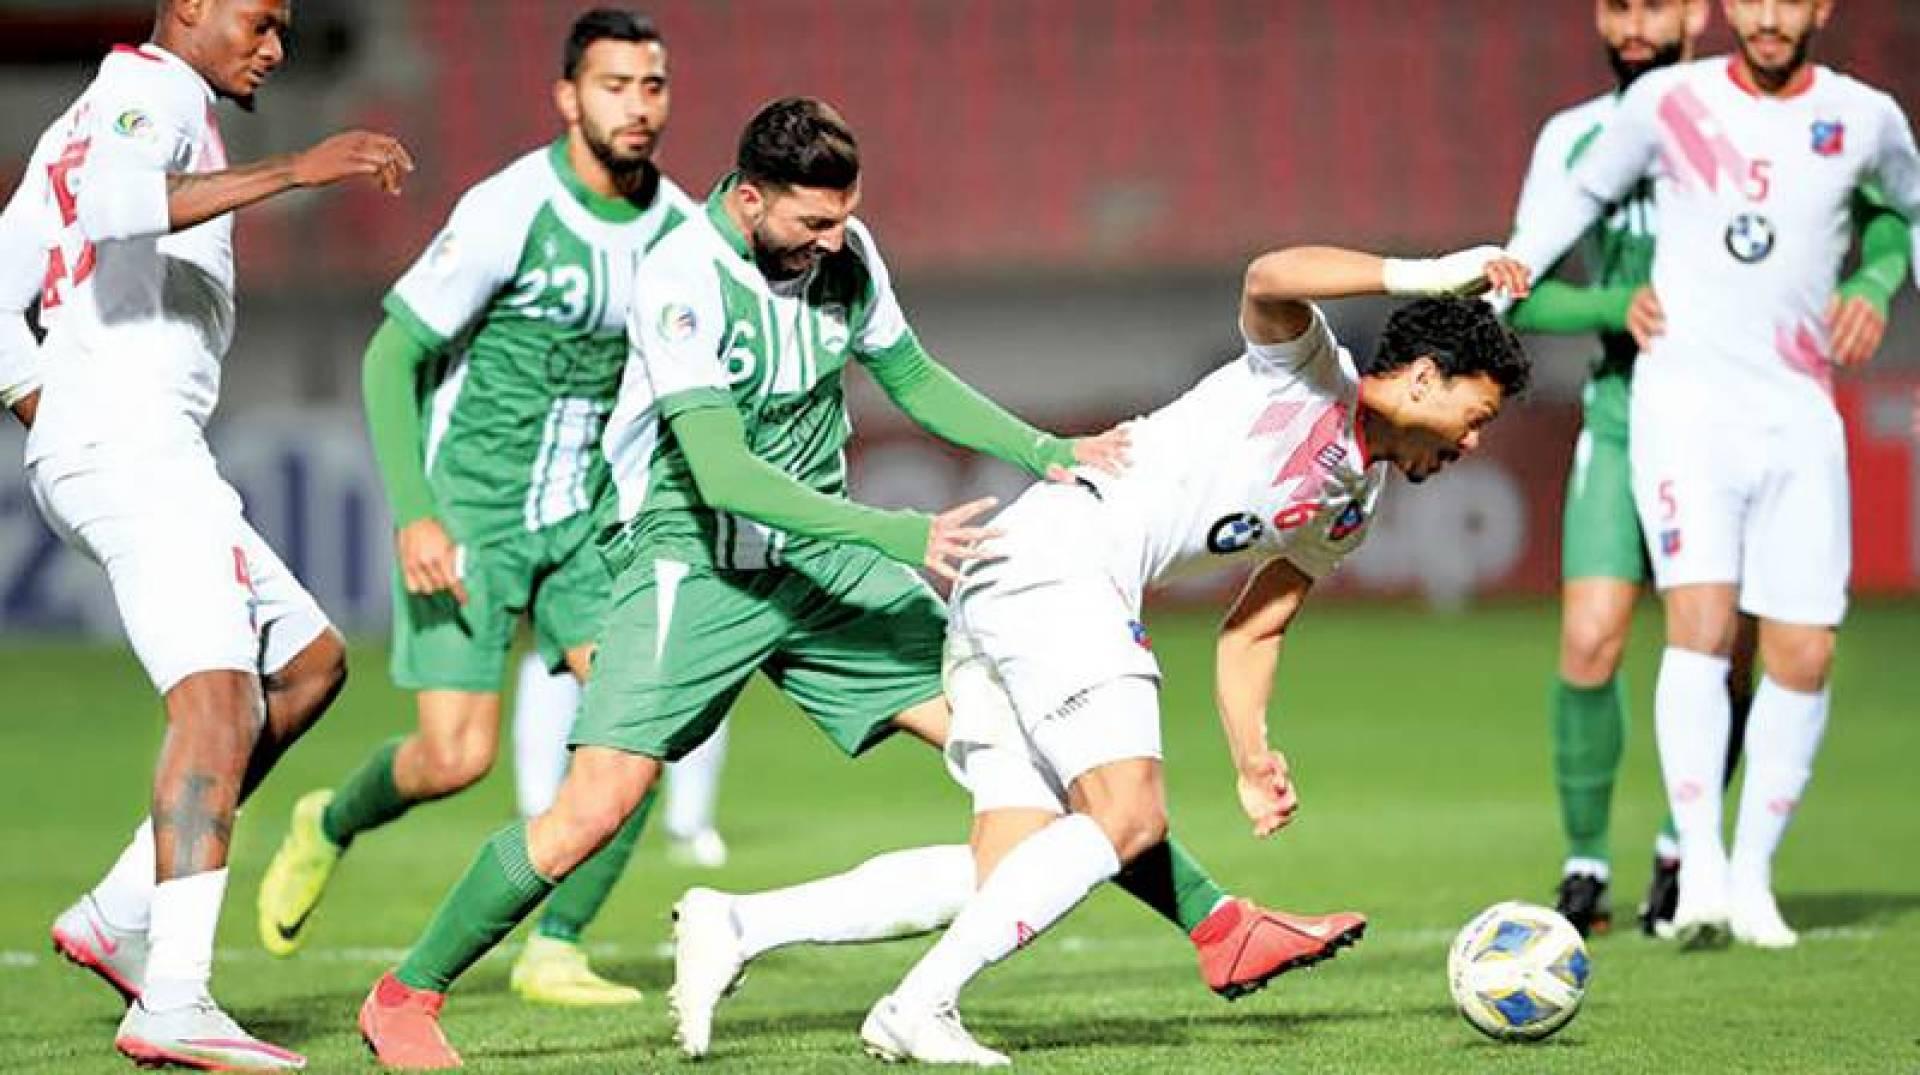 جانب من لقاء الكويت والأنصار السابق في البطولة